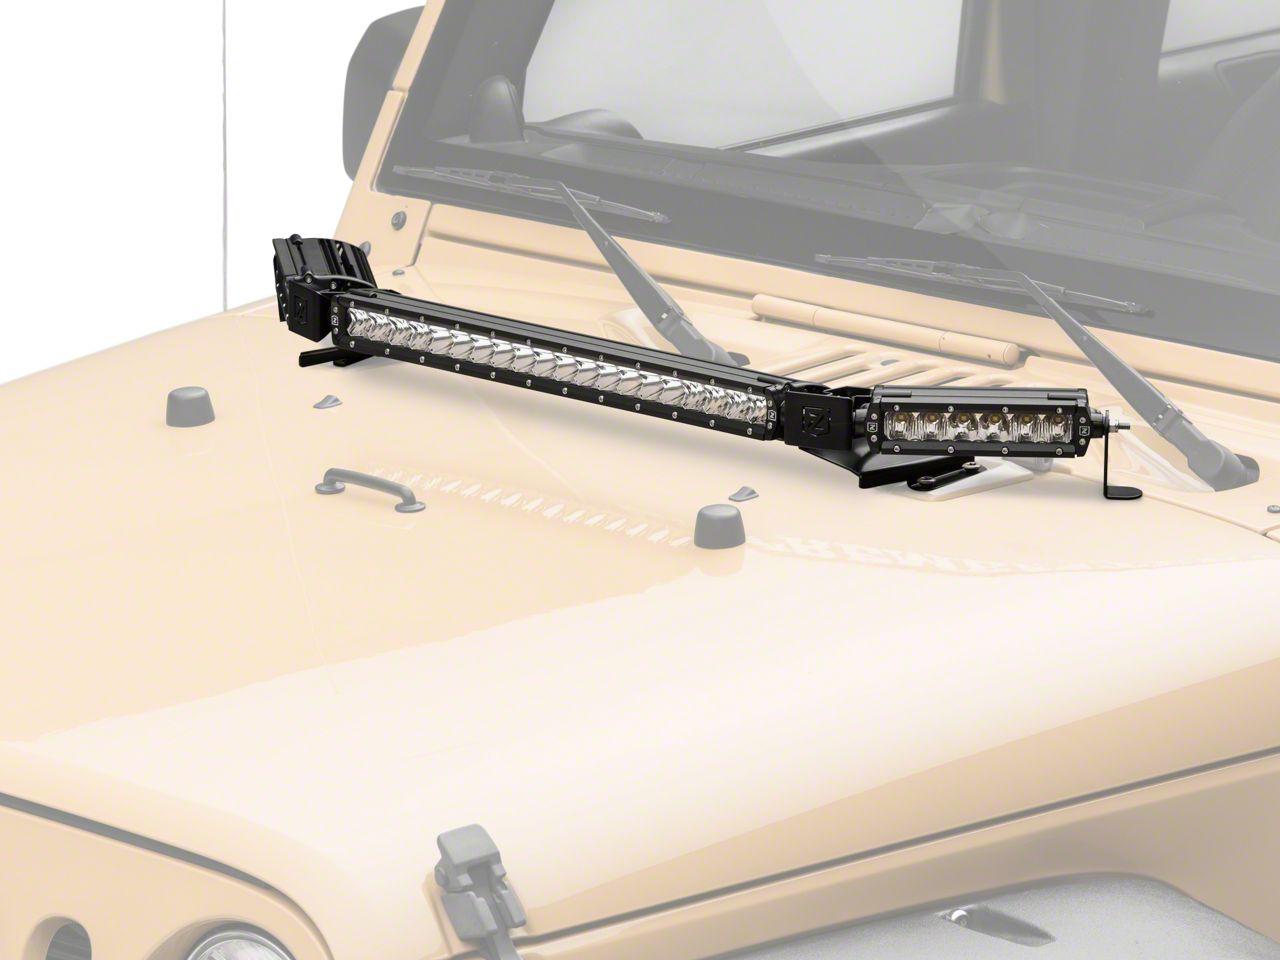 ZRoadz 6 in. & 20 in. LED Light Bars w/ Hood Hinge Mounting Brackets (07-18 Jeep Wrangler JK)